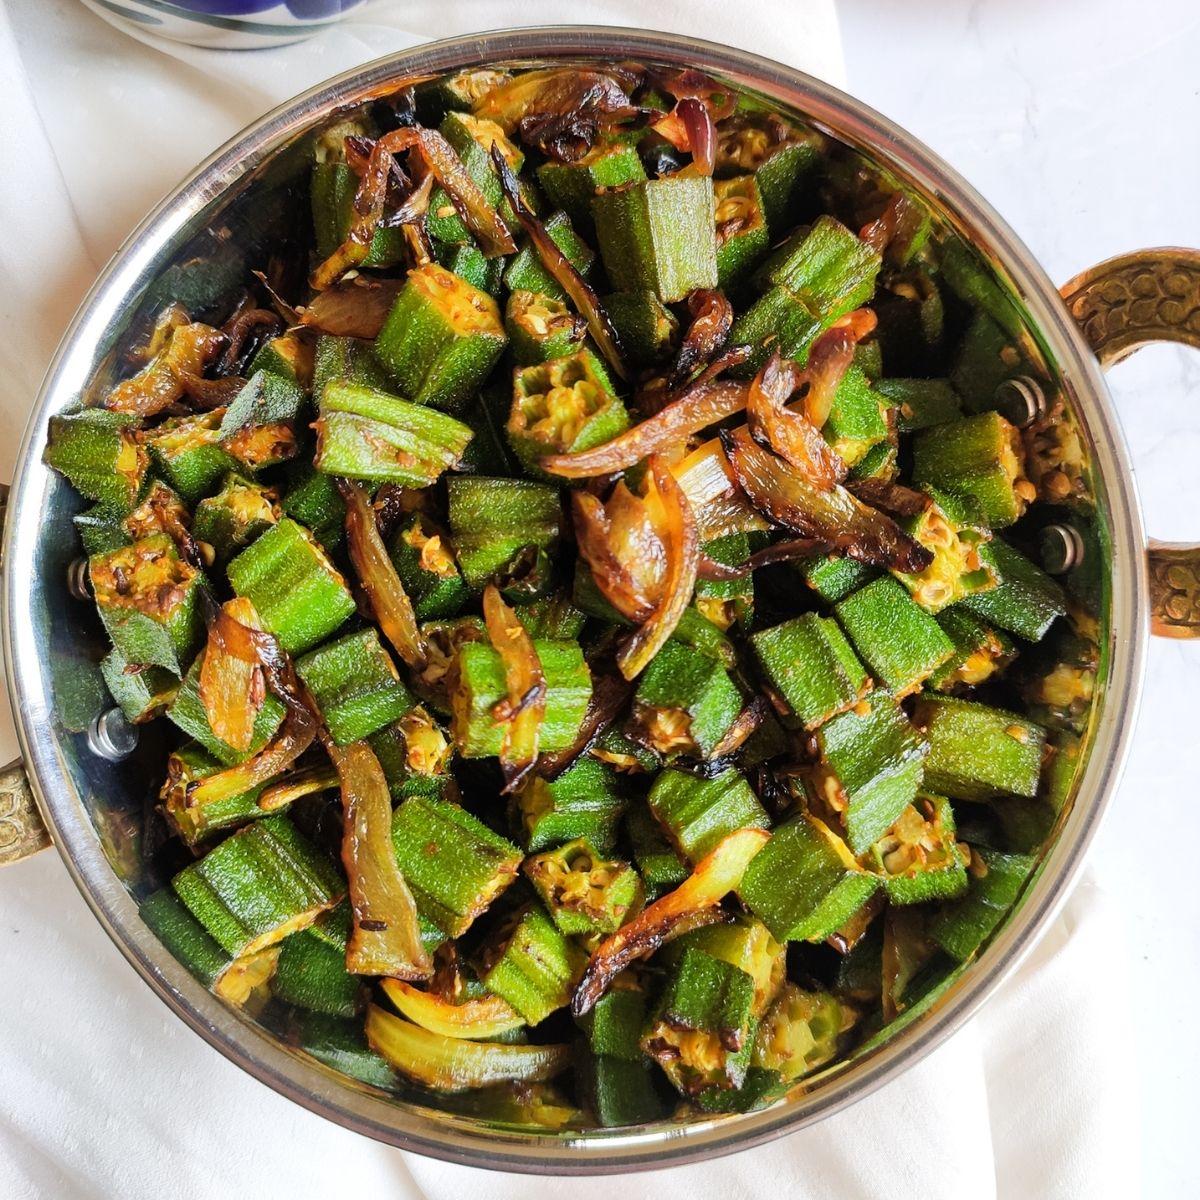 bhindi ki sabzi i.e. okra cooked with onions served in a copper wok